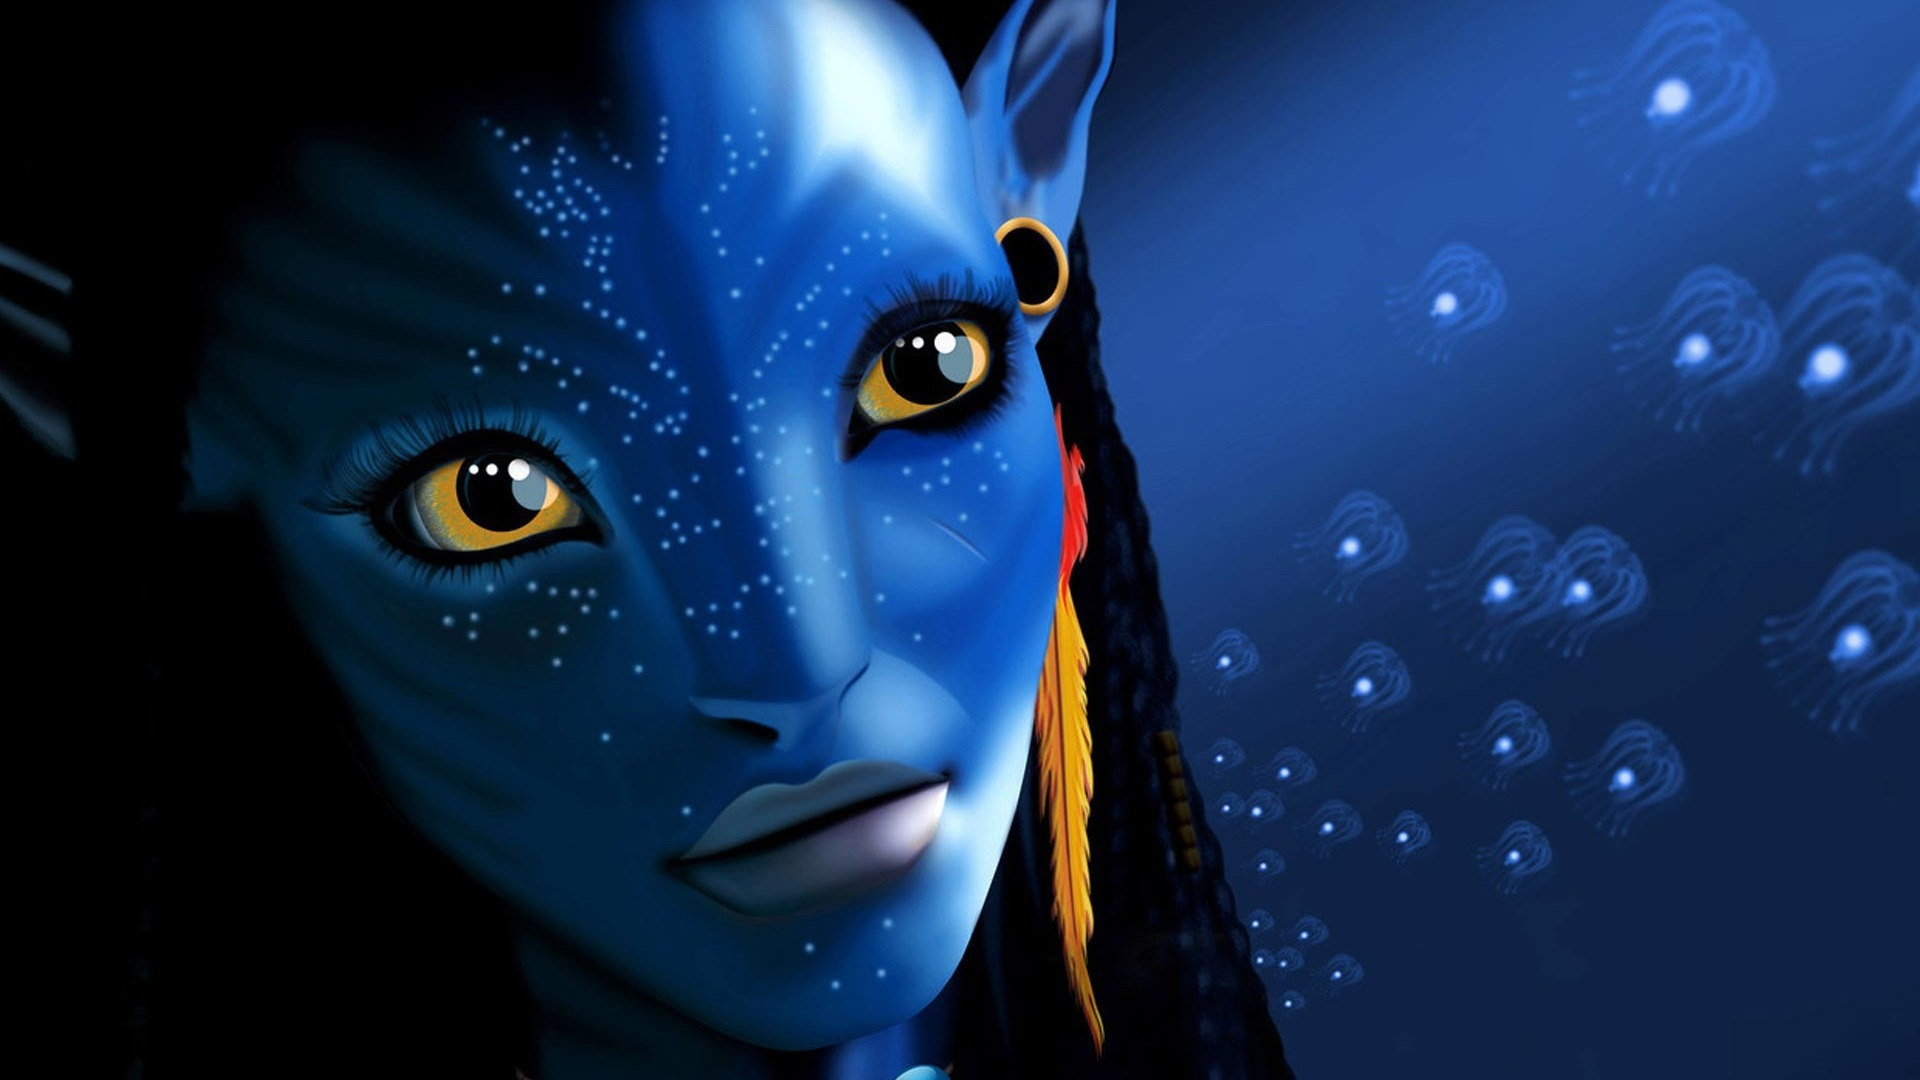 Top 1000 screensaver: Avatar screensaver download